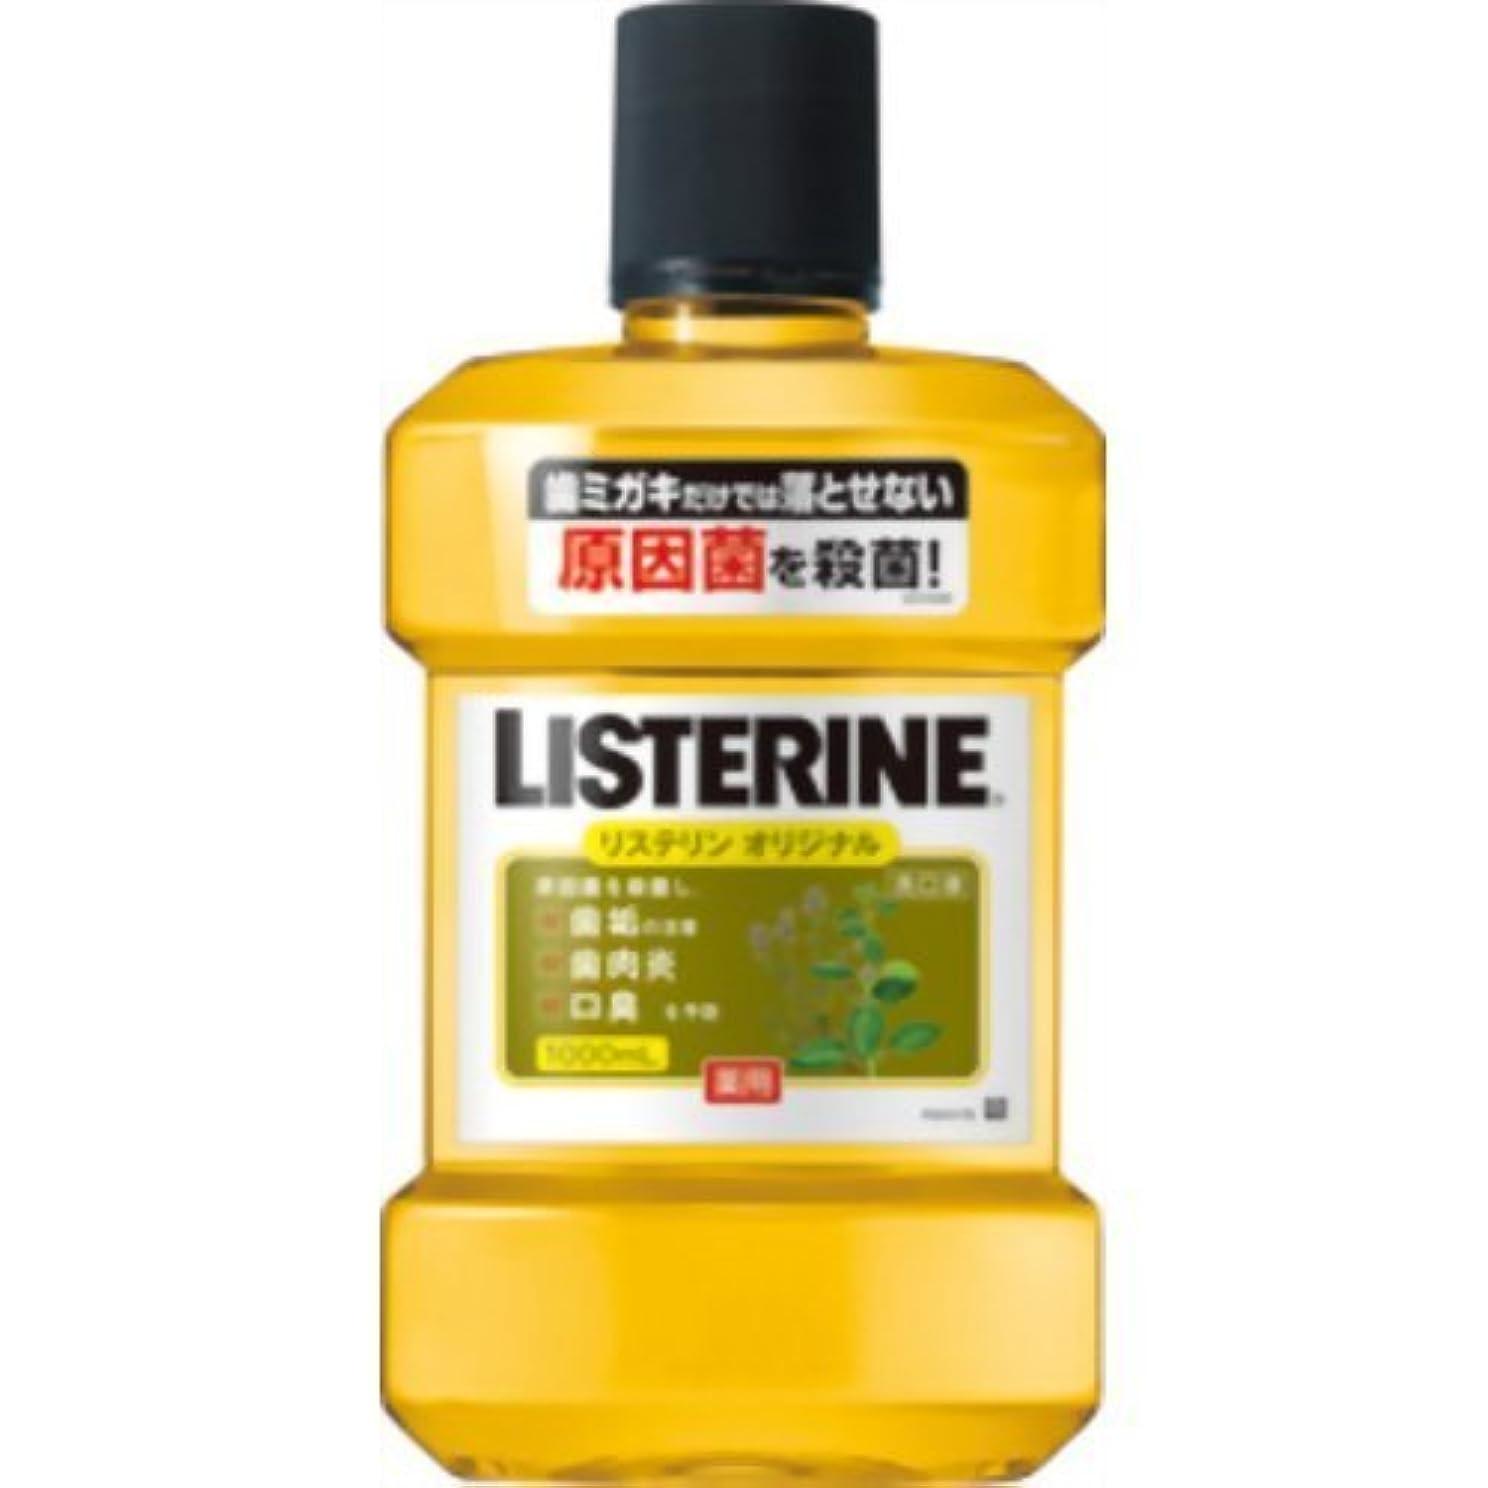 後ろ、背後、背面(部うぬぼれグラフ薬用リステリン オリジナル 1000ml ×10個セット